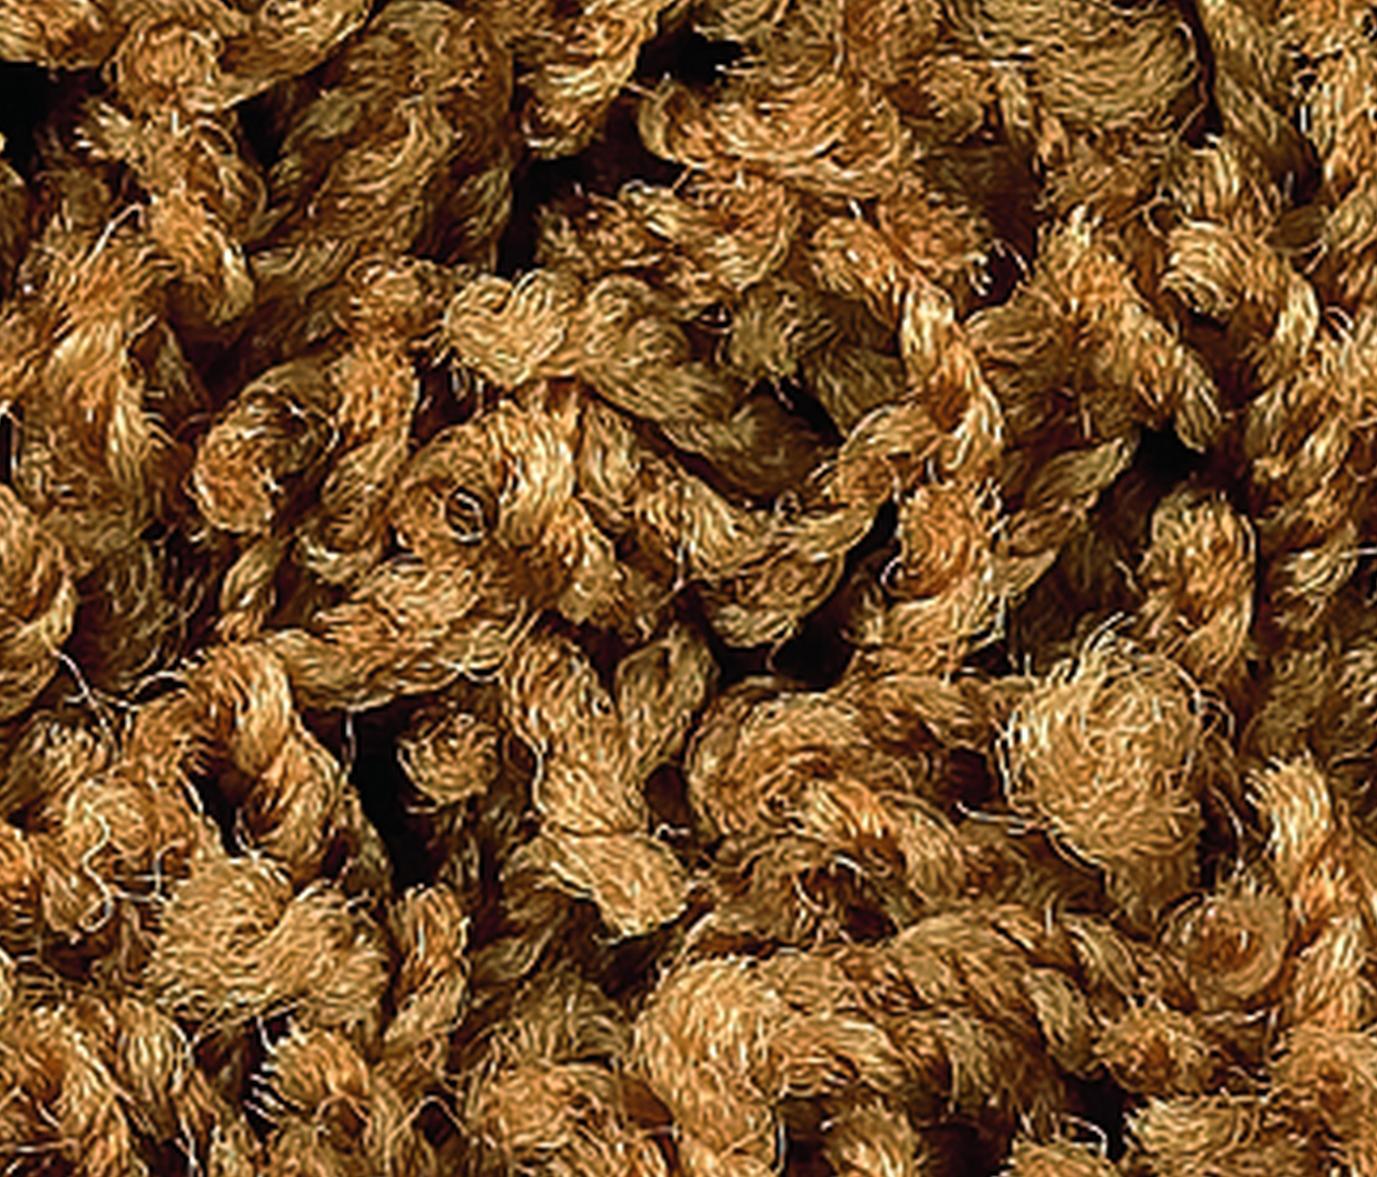 poodle 1408 rugs designer rugs from object carpet. Black Bedroom Furniture Sets. Home Design Ideas